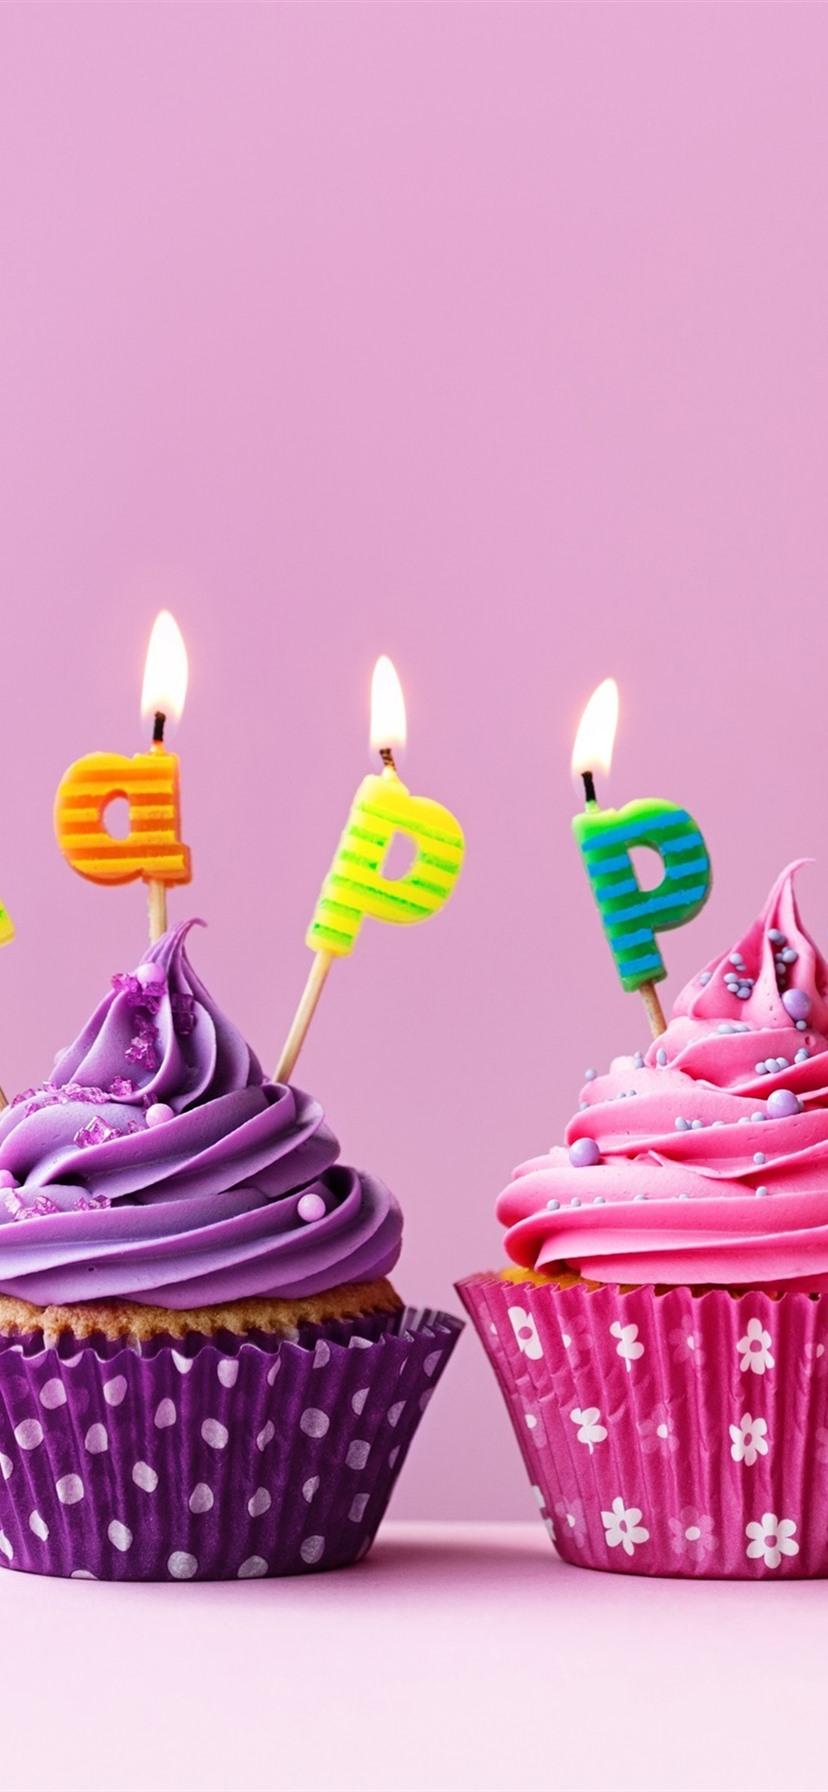 Alles Gute Zum Geburtstag Kuchen Bunte Muffins Kerzen